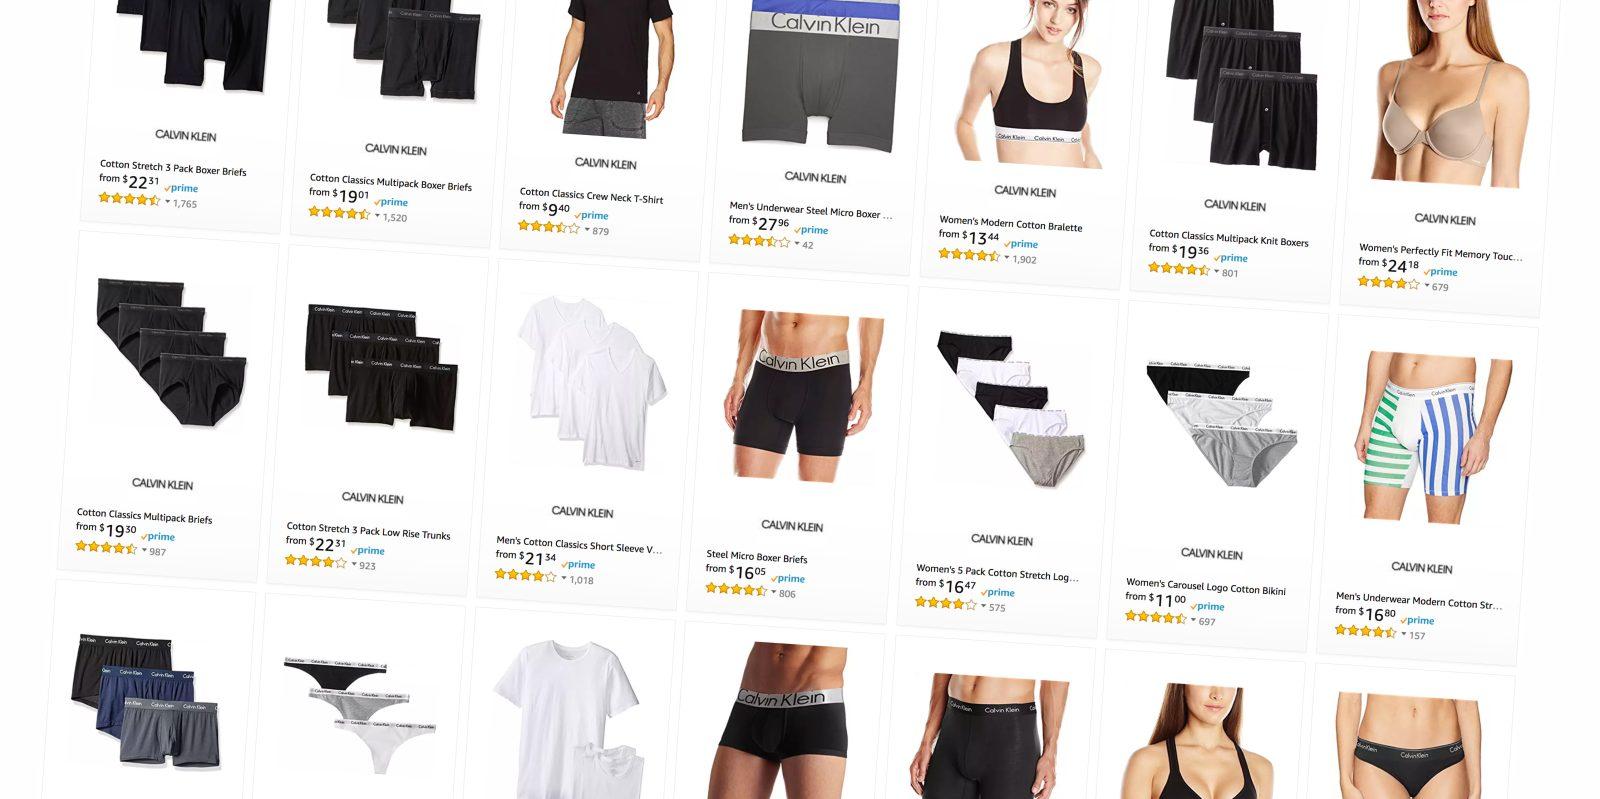 7c1604a1eb7 Calvin Klein s best-selling underwear